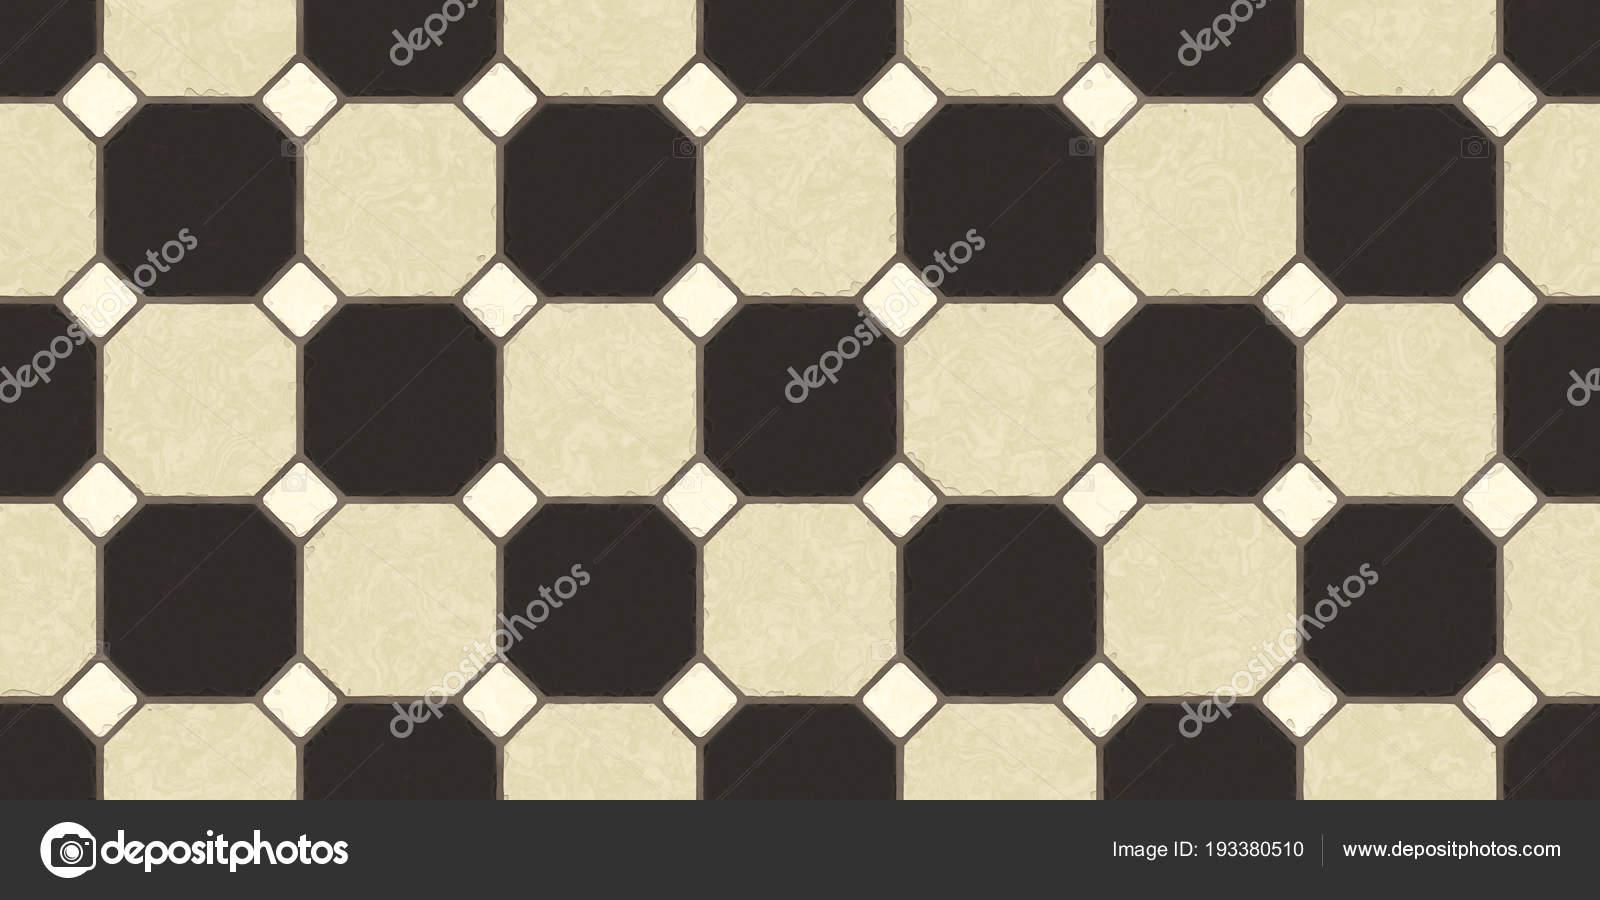 Keuken Beige Tegels : Sterke bruin beige naadloze klassieke vloer tegel textuur mozaïek